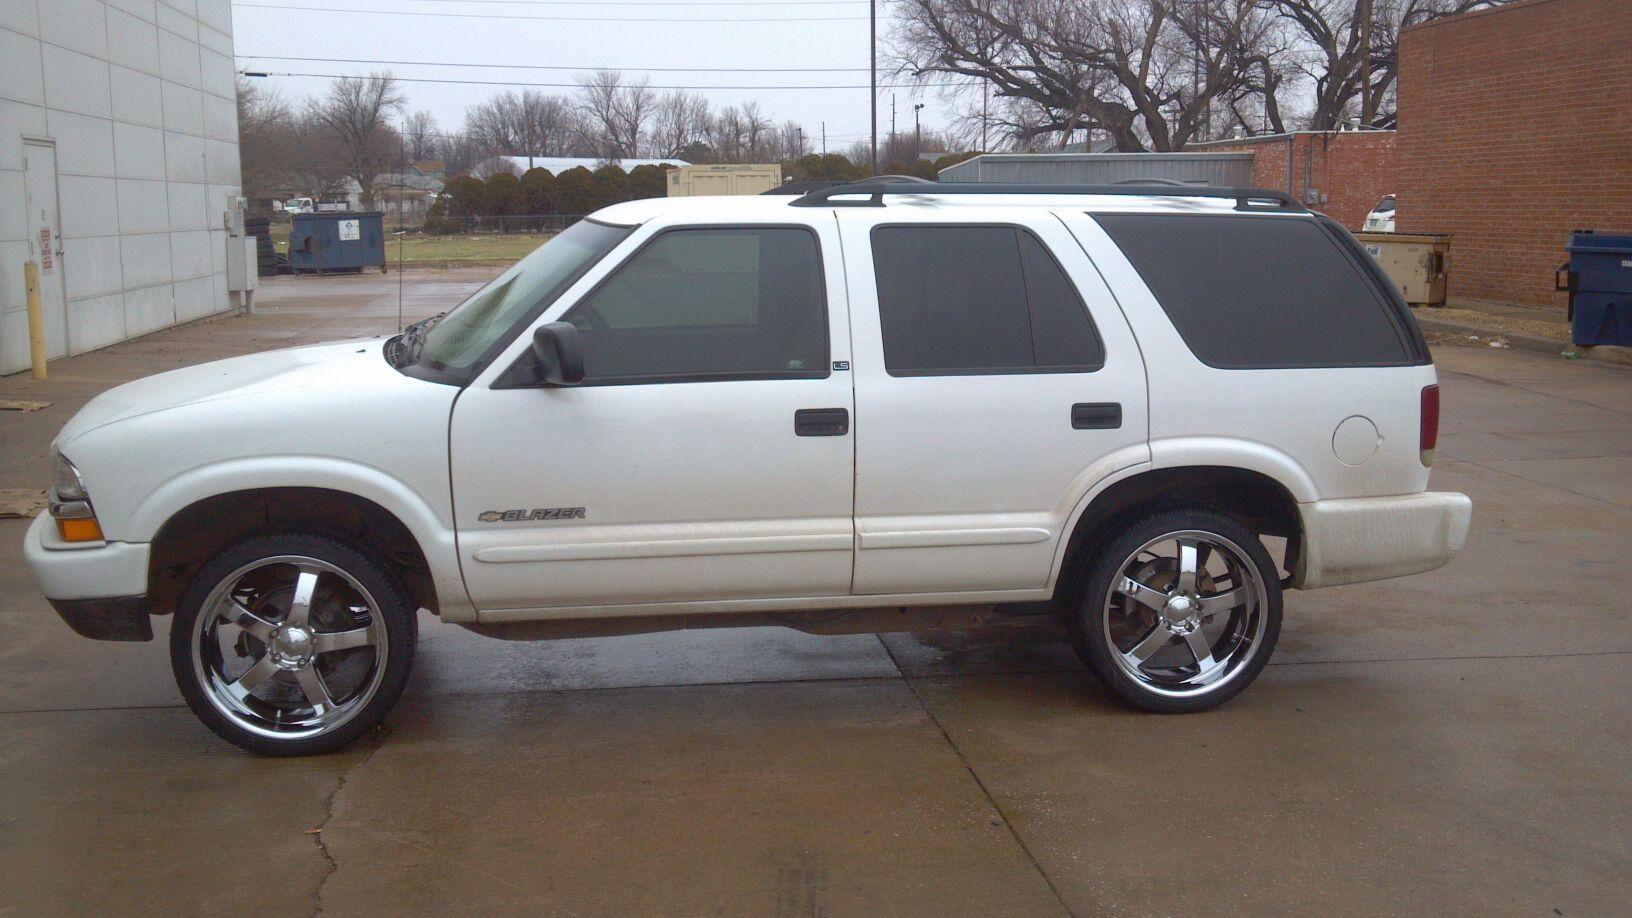 Blazer chevy blazer 2002 : Kimmel Gatson's 2002 Chevrolet Blazer with 4 20